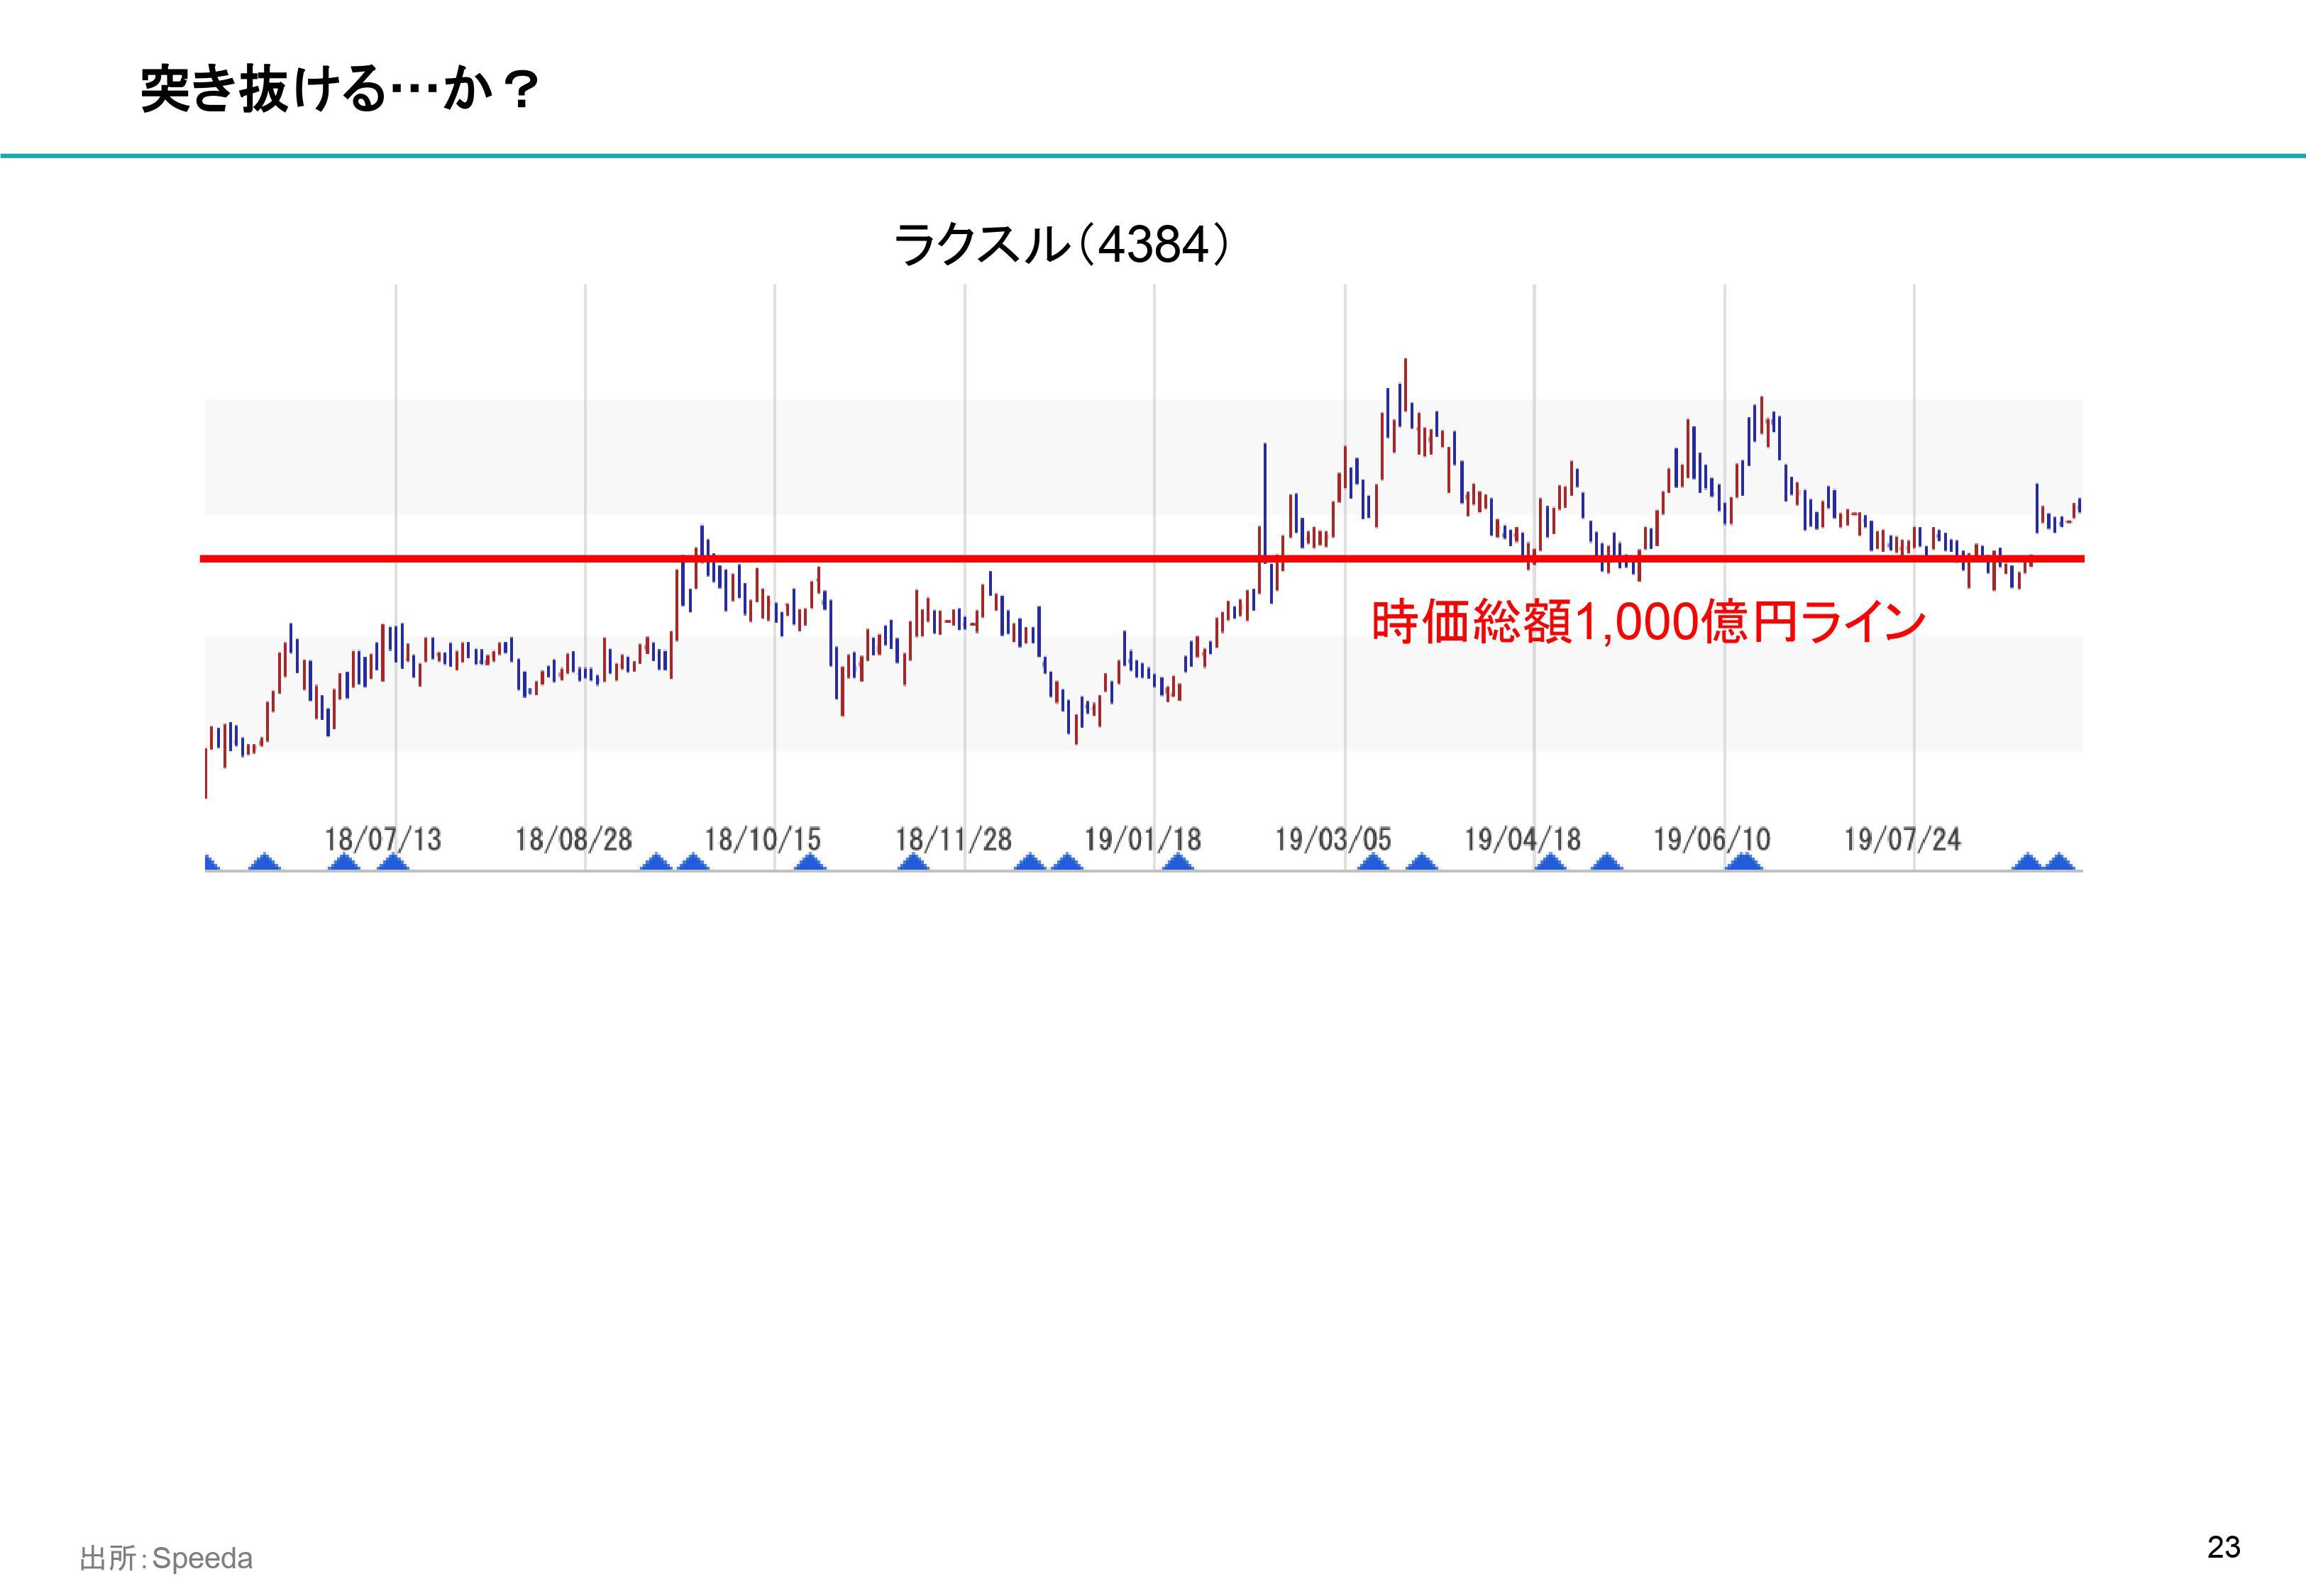 ベース 株価 ユーザ